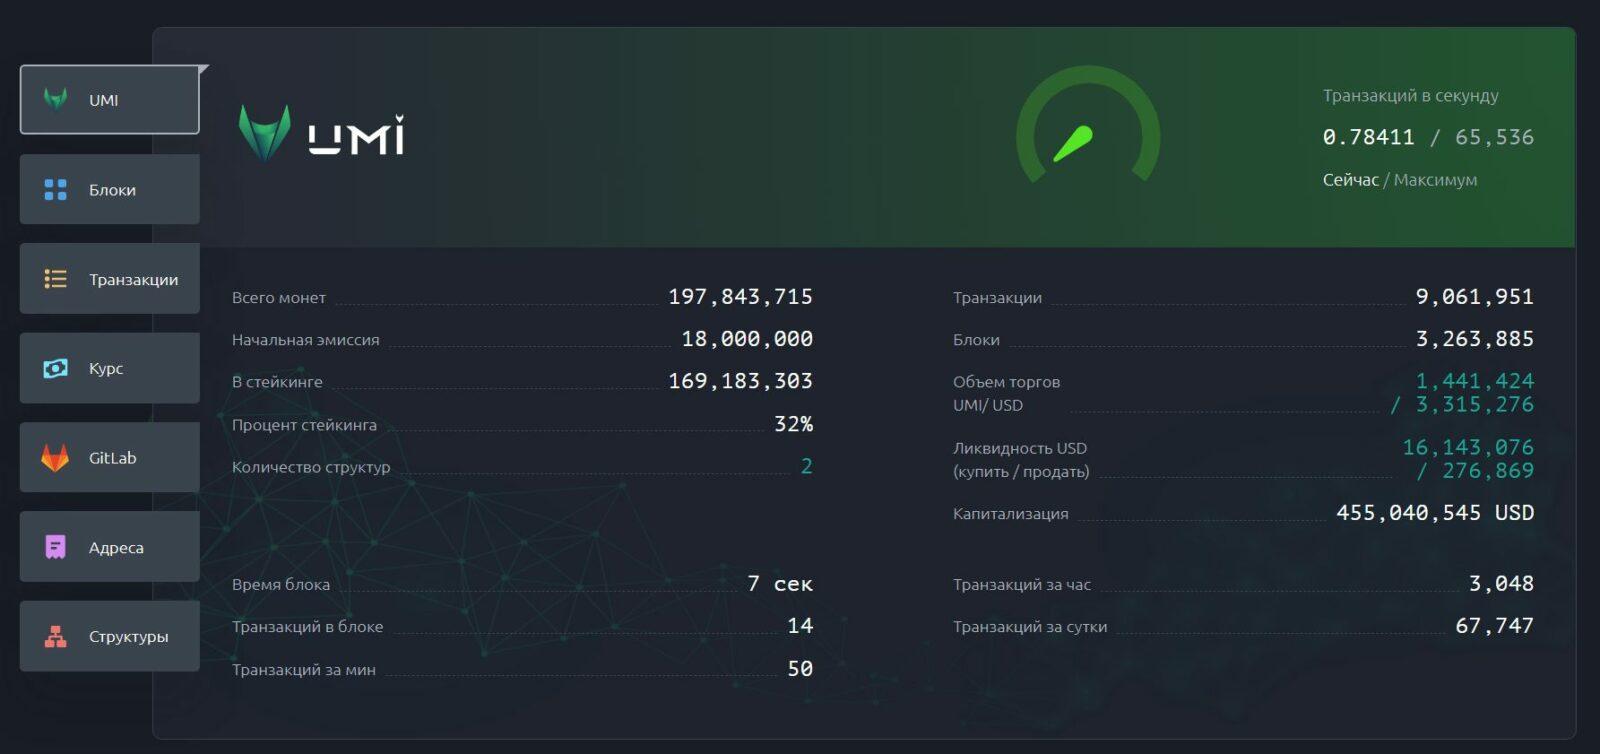 Официальный сайт Криптовалюта UMI